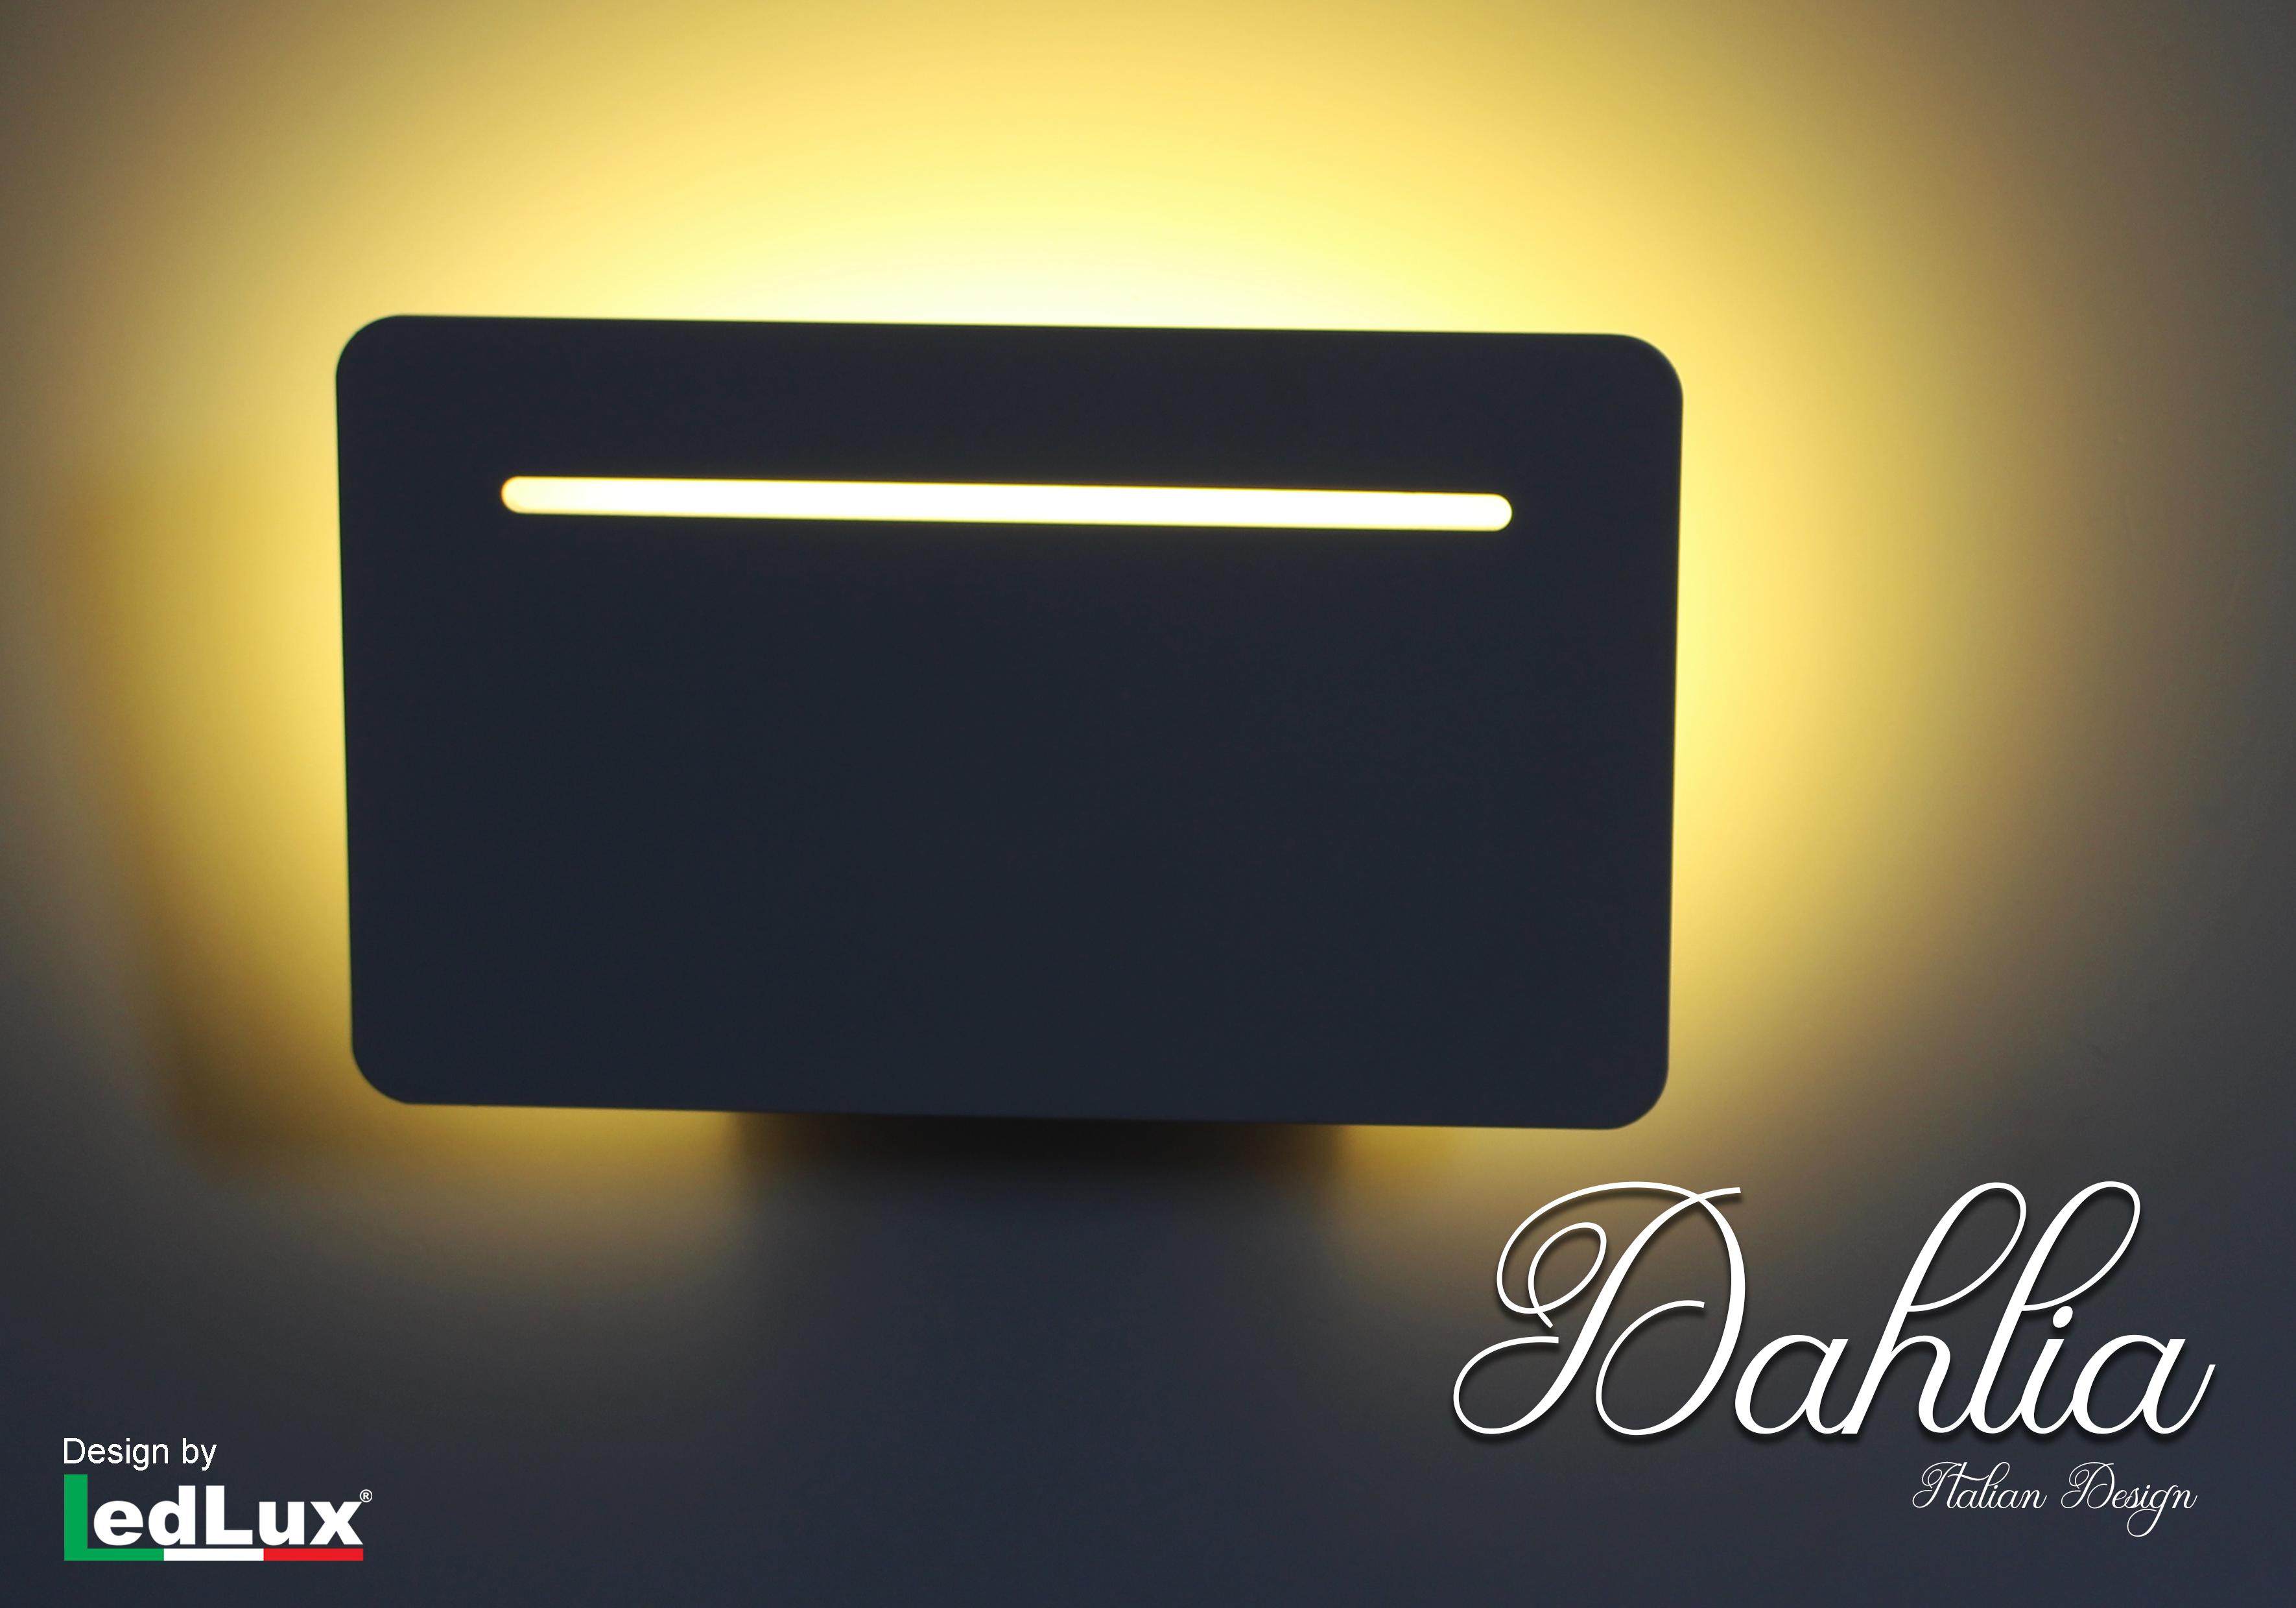 Applique Led Da Parete Modello Dahlia Italian Design Moderna 6W Bianco Caldo - PZ